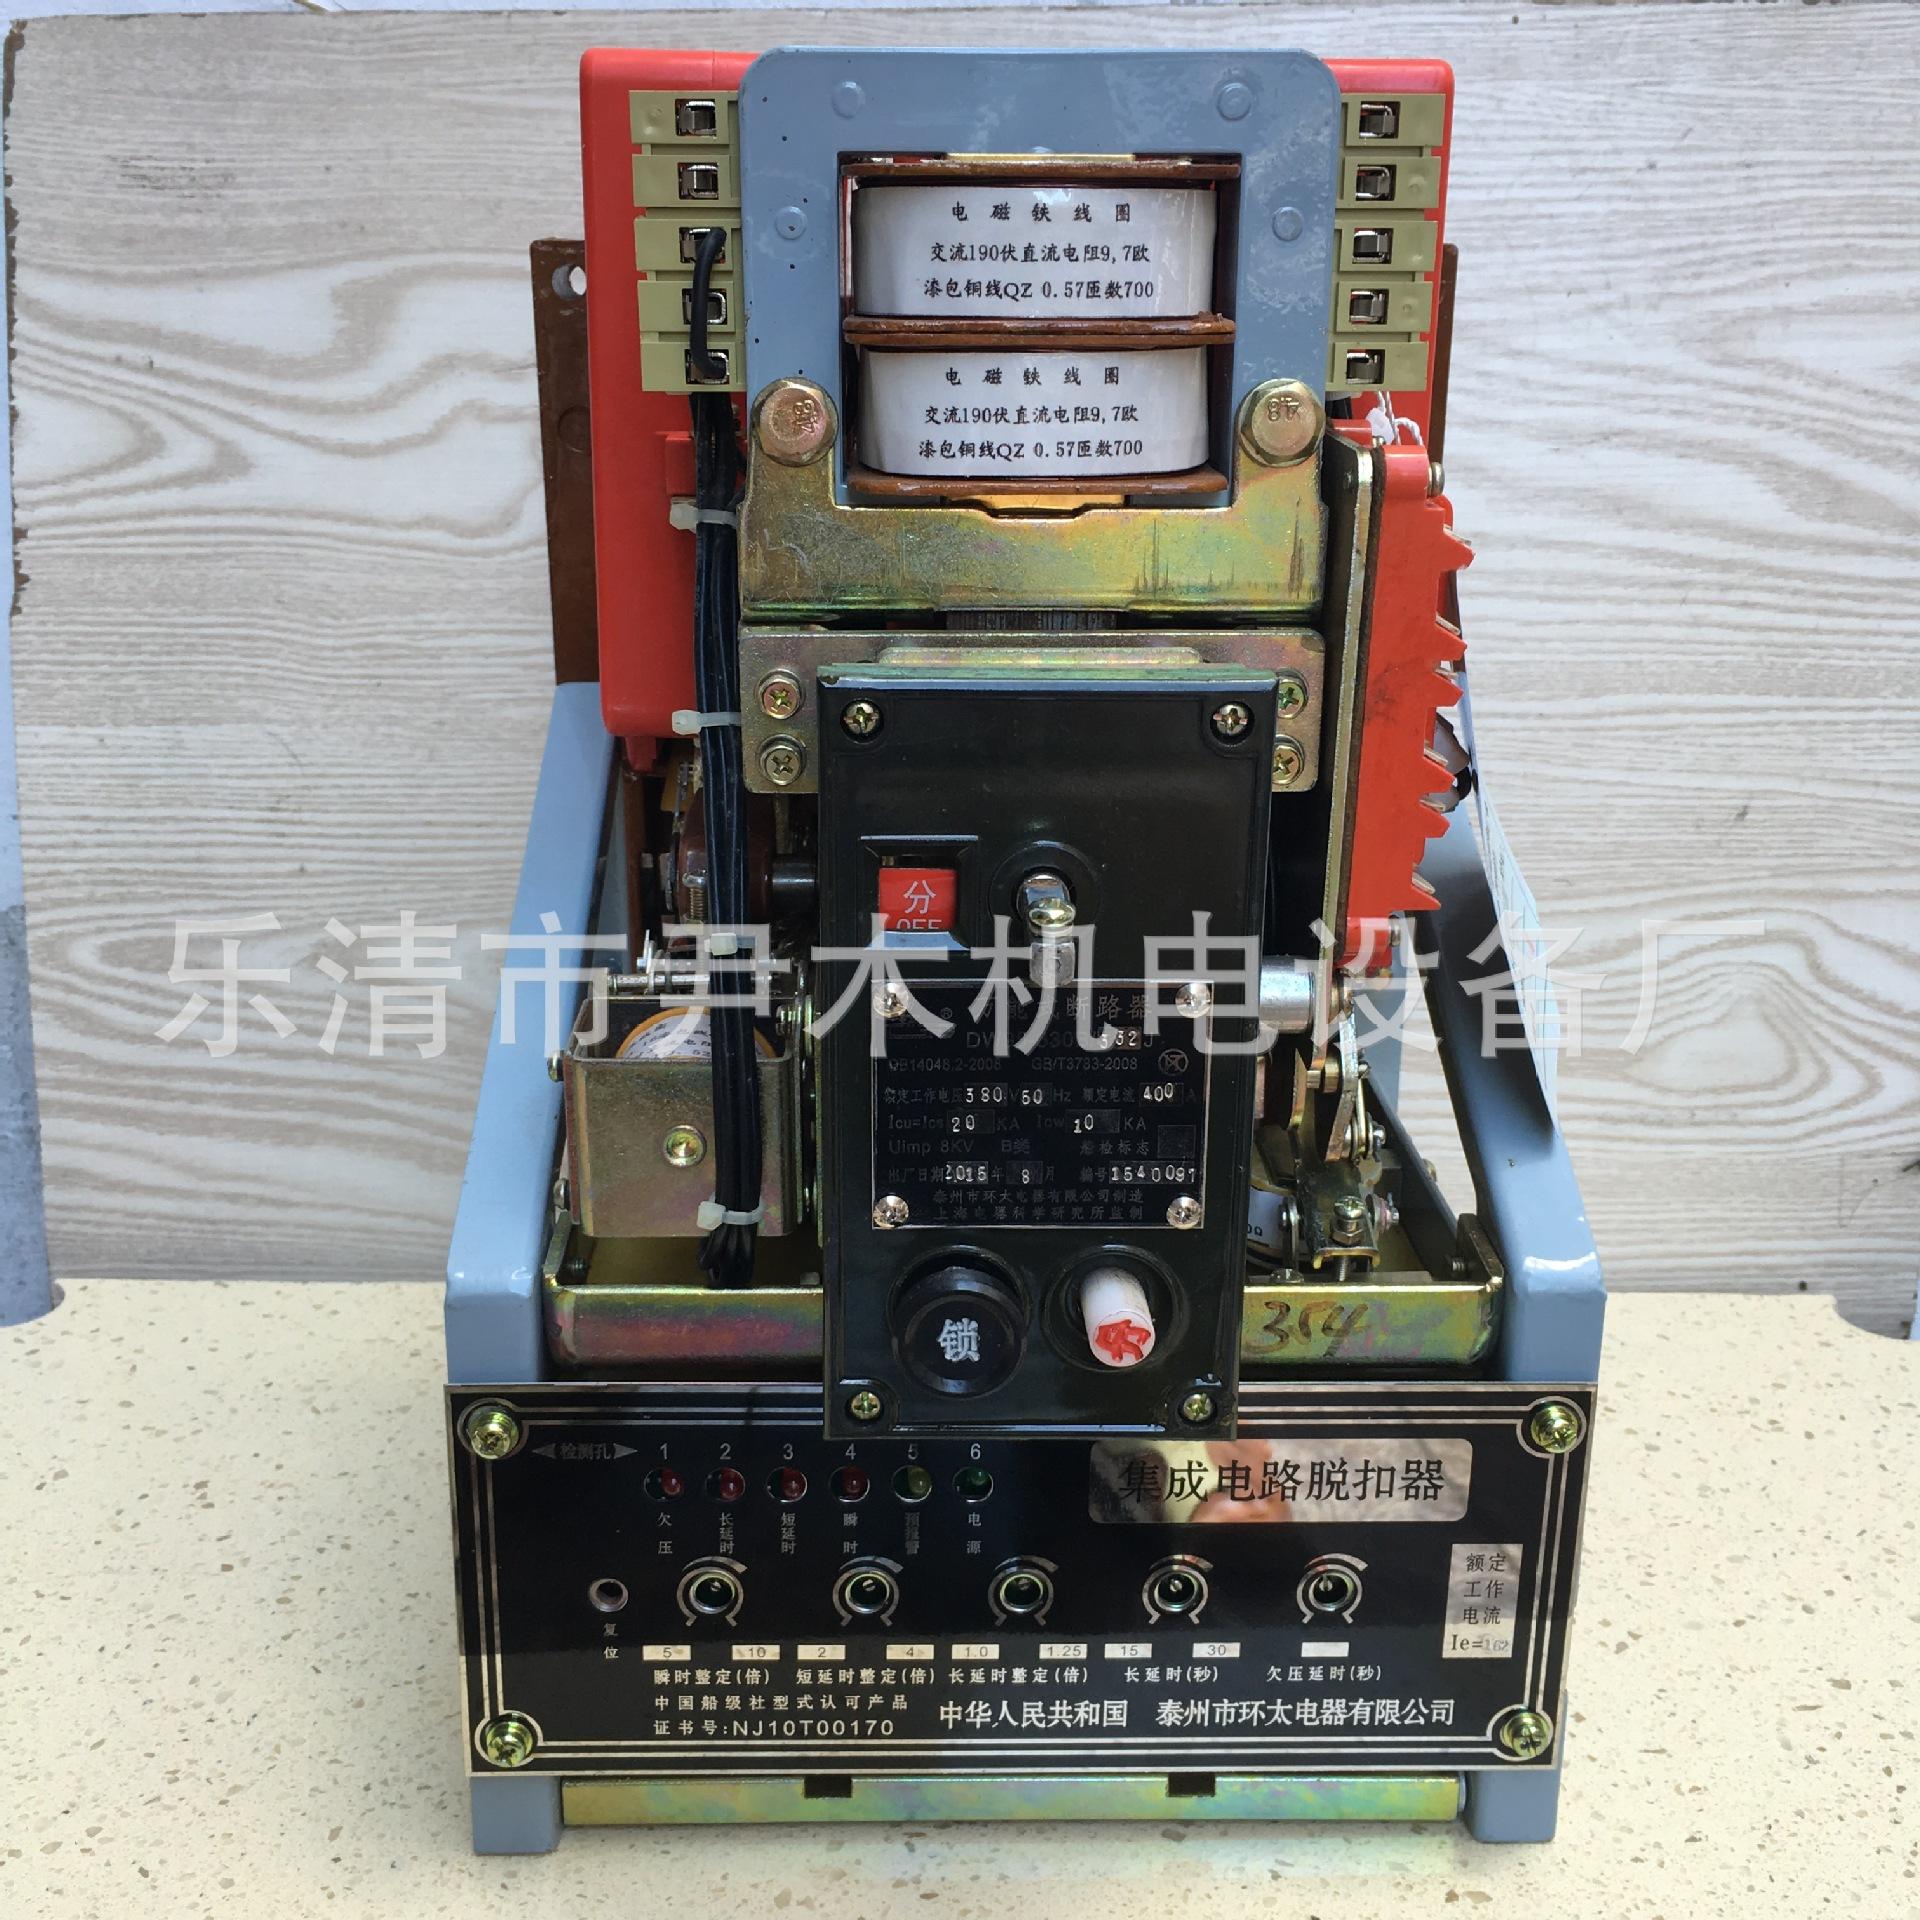 DW95-630B/332J thuyền dùng loại khí phát hành thiết bị ngắt mạch tích hợp